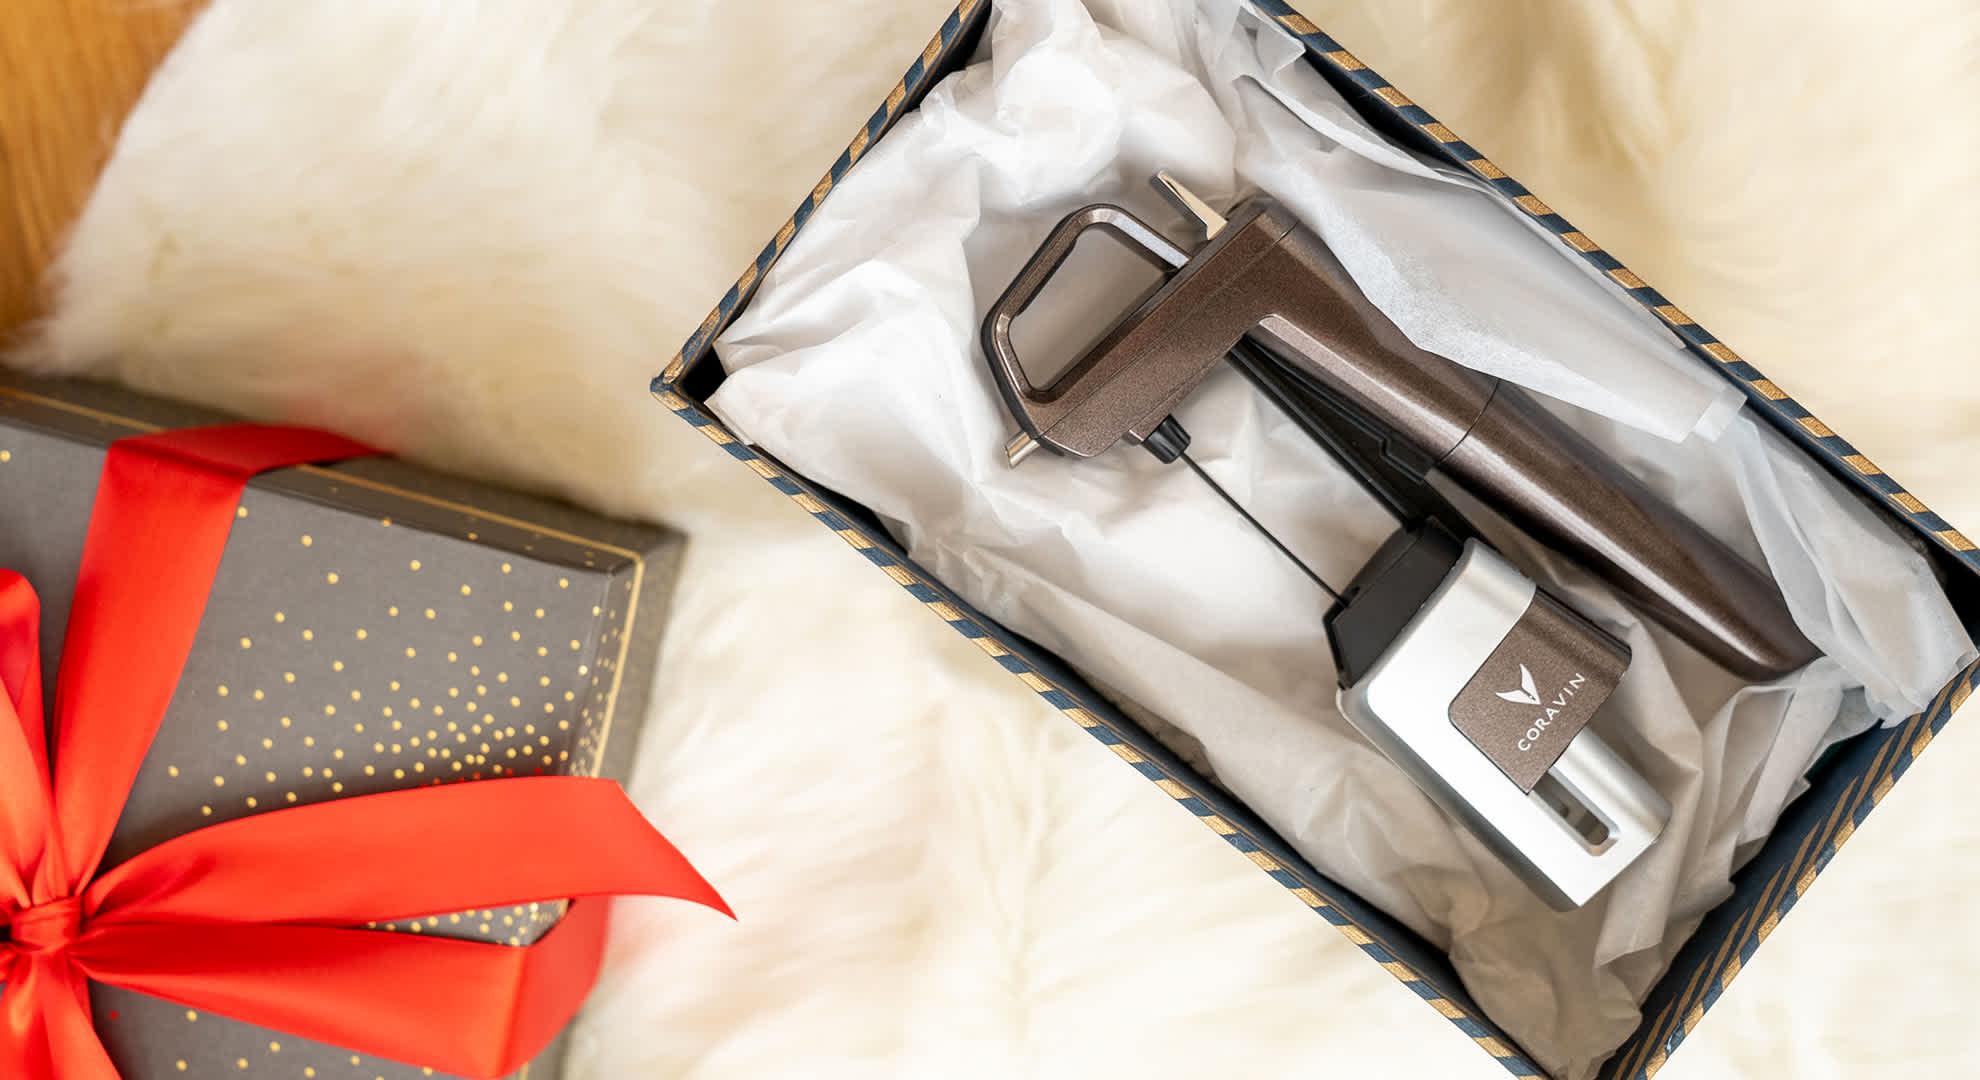 Il Coravin Model Six Edizione Limitata Mica in una confezione regalo per le feste